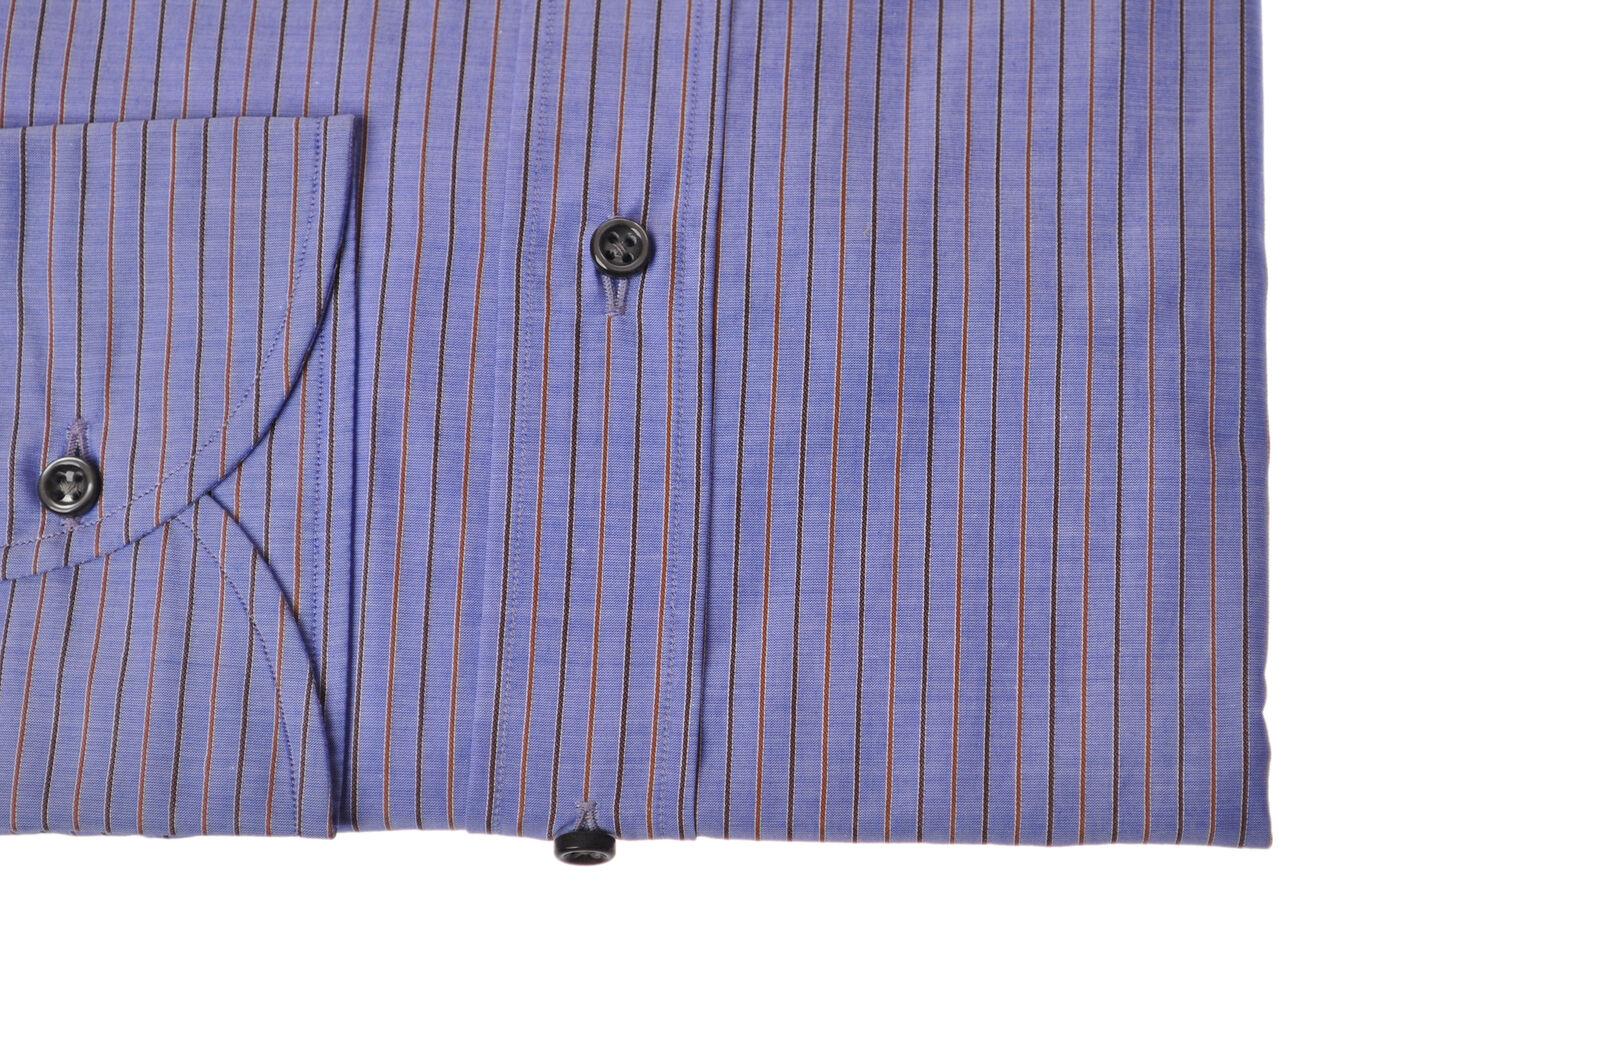 Mauro grifoni  -  Shirt - Male - Blau - 2998204A183748